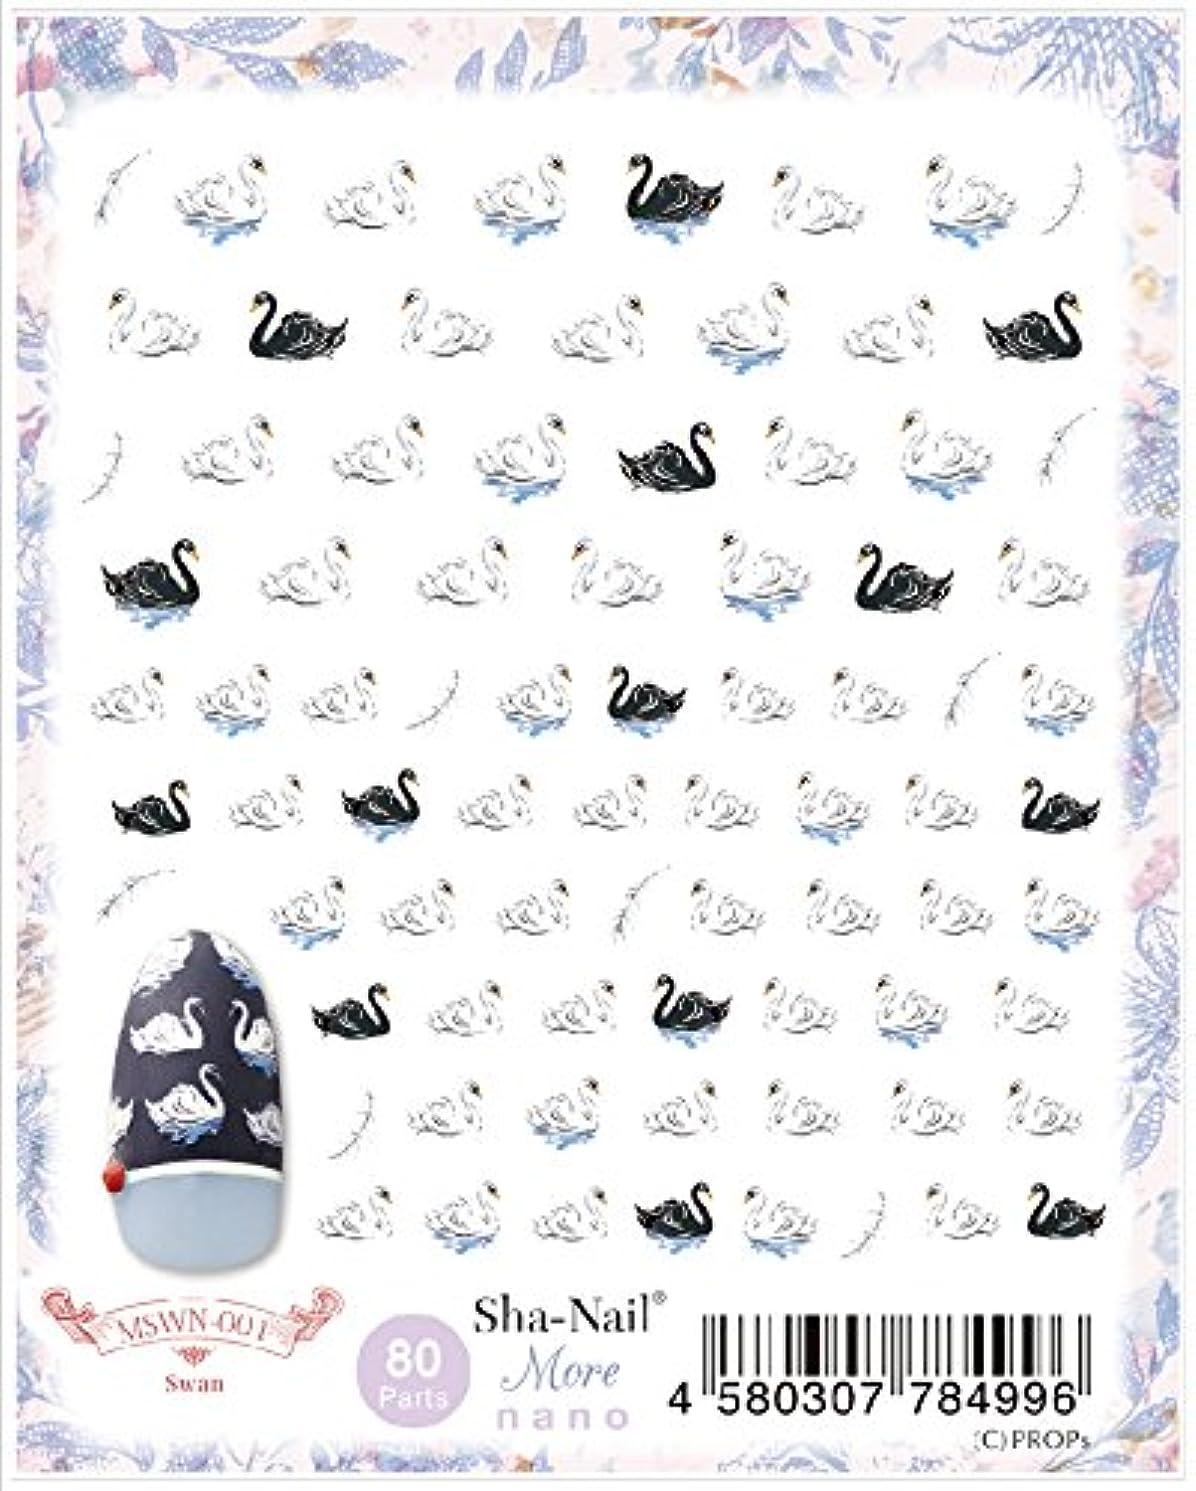 せがむ誇張する昆虫Sha-Nail More ネイルシール 【nano】スワン MSWN-001 アート材